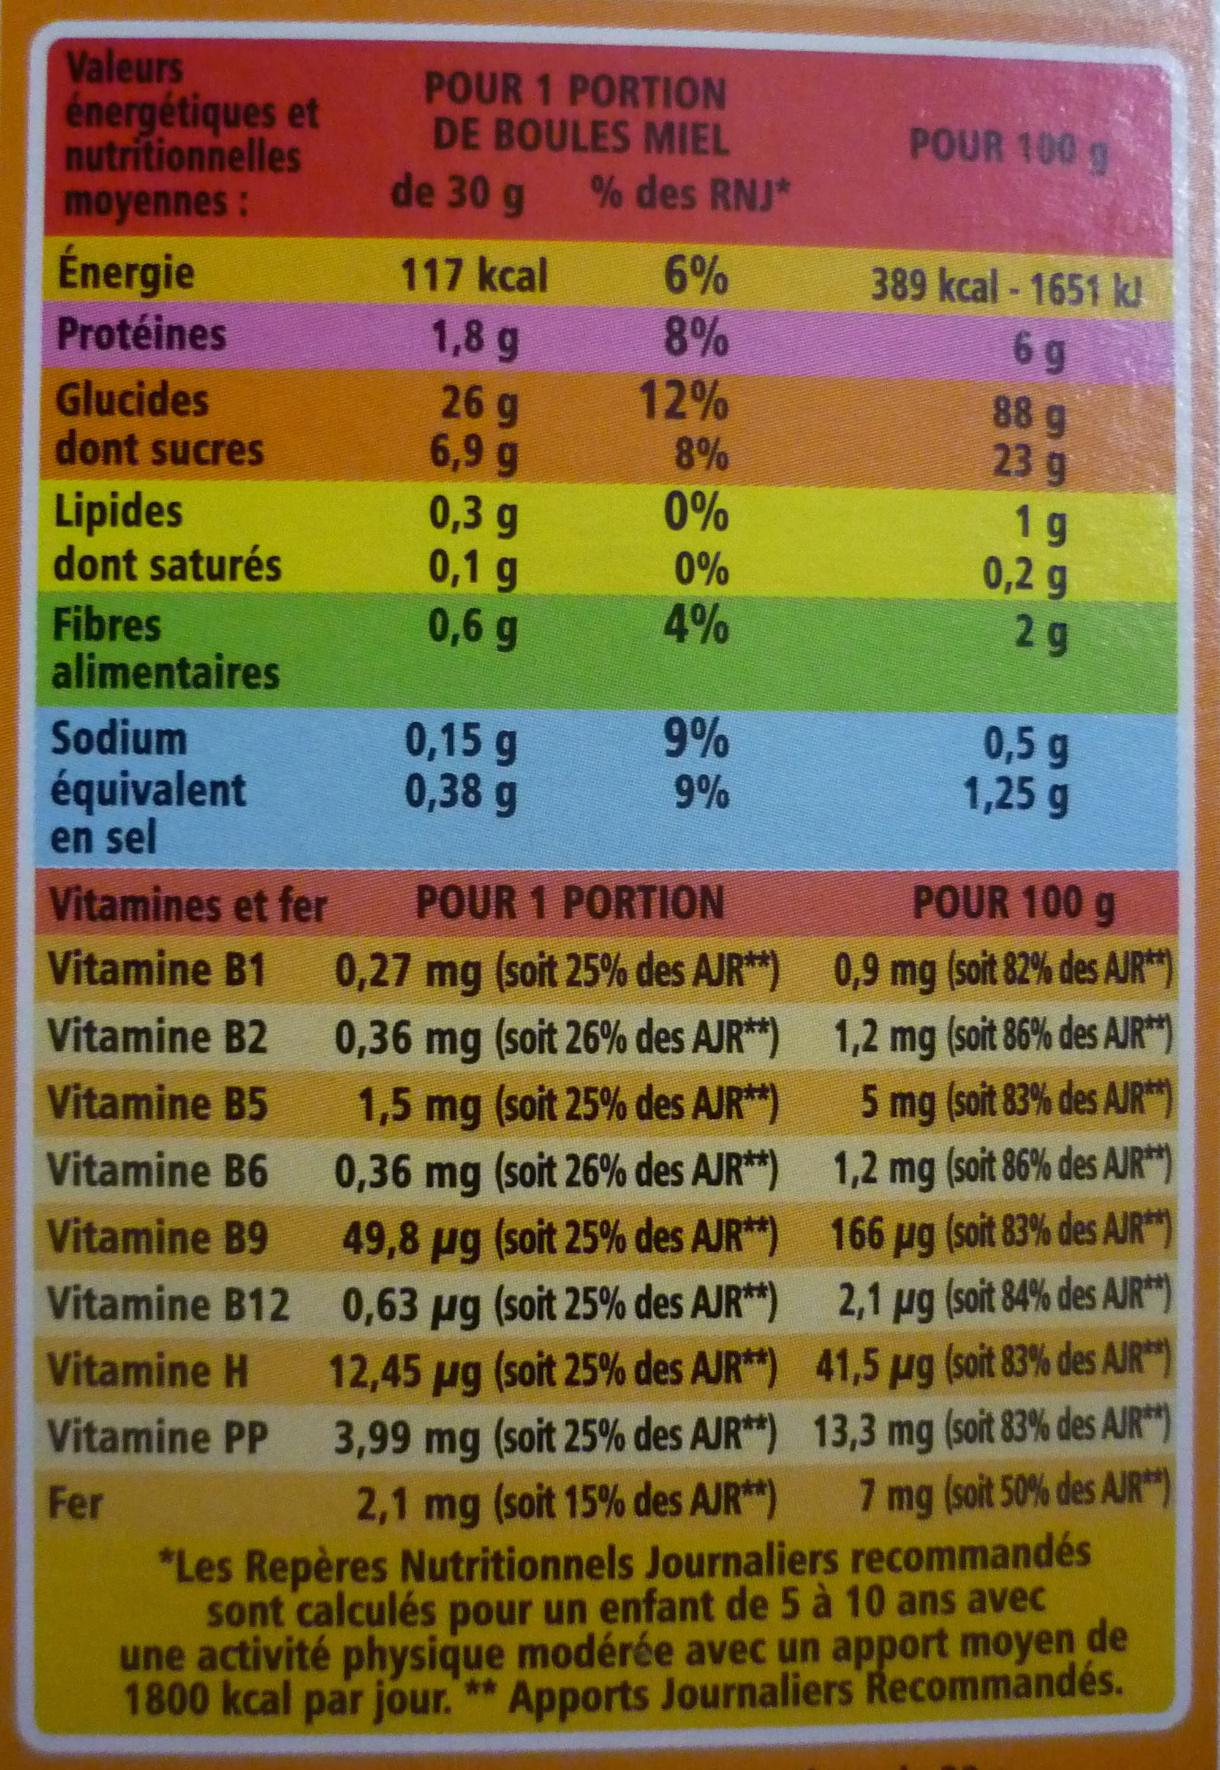 Boules Miel - Nutrition facts - fr